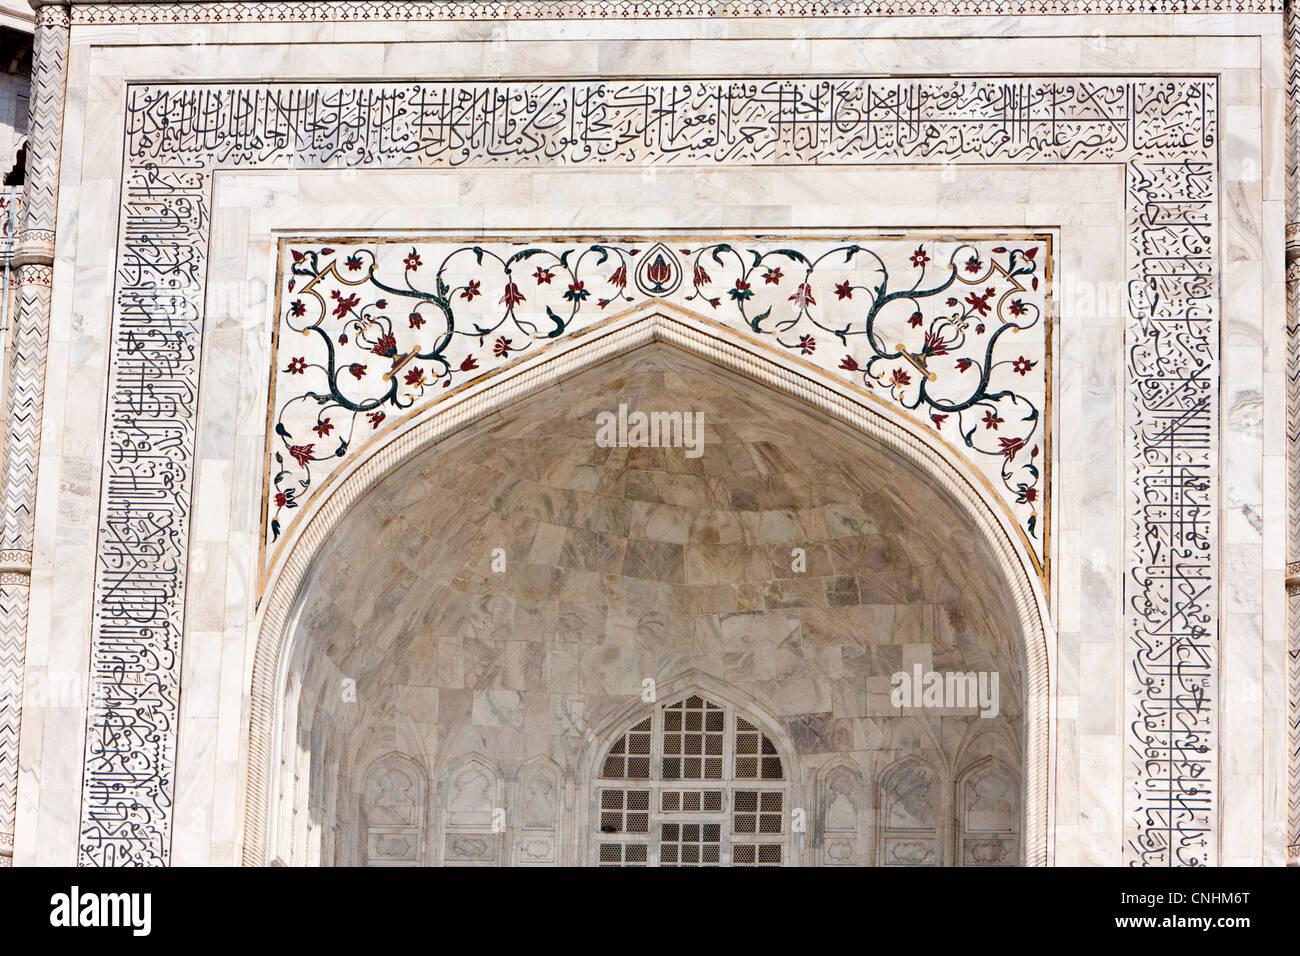 Pietra Dura Taj Mahal Stock Photos Amp Pietra Dura Taj Mahal